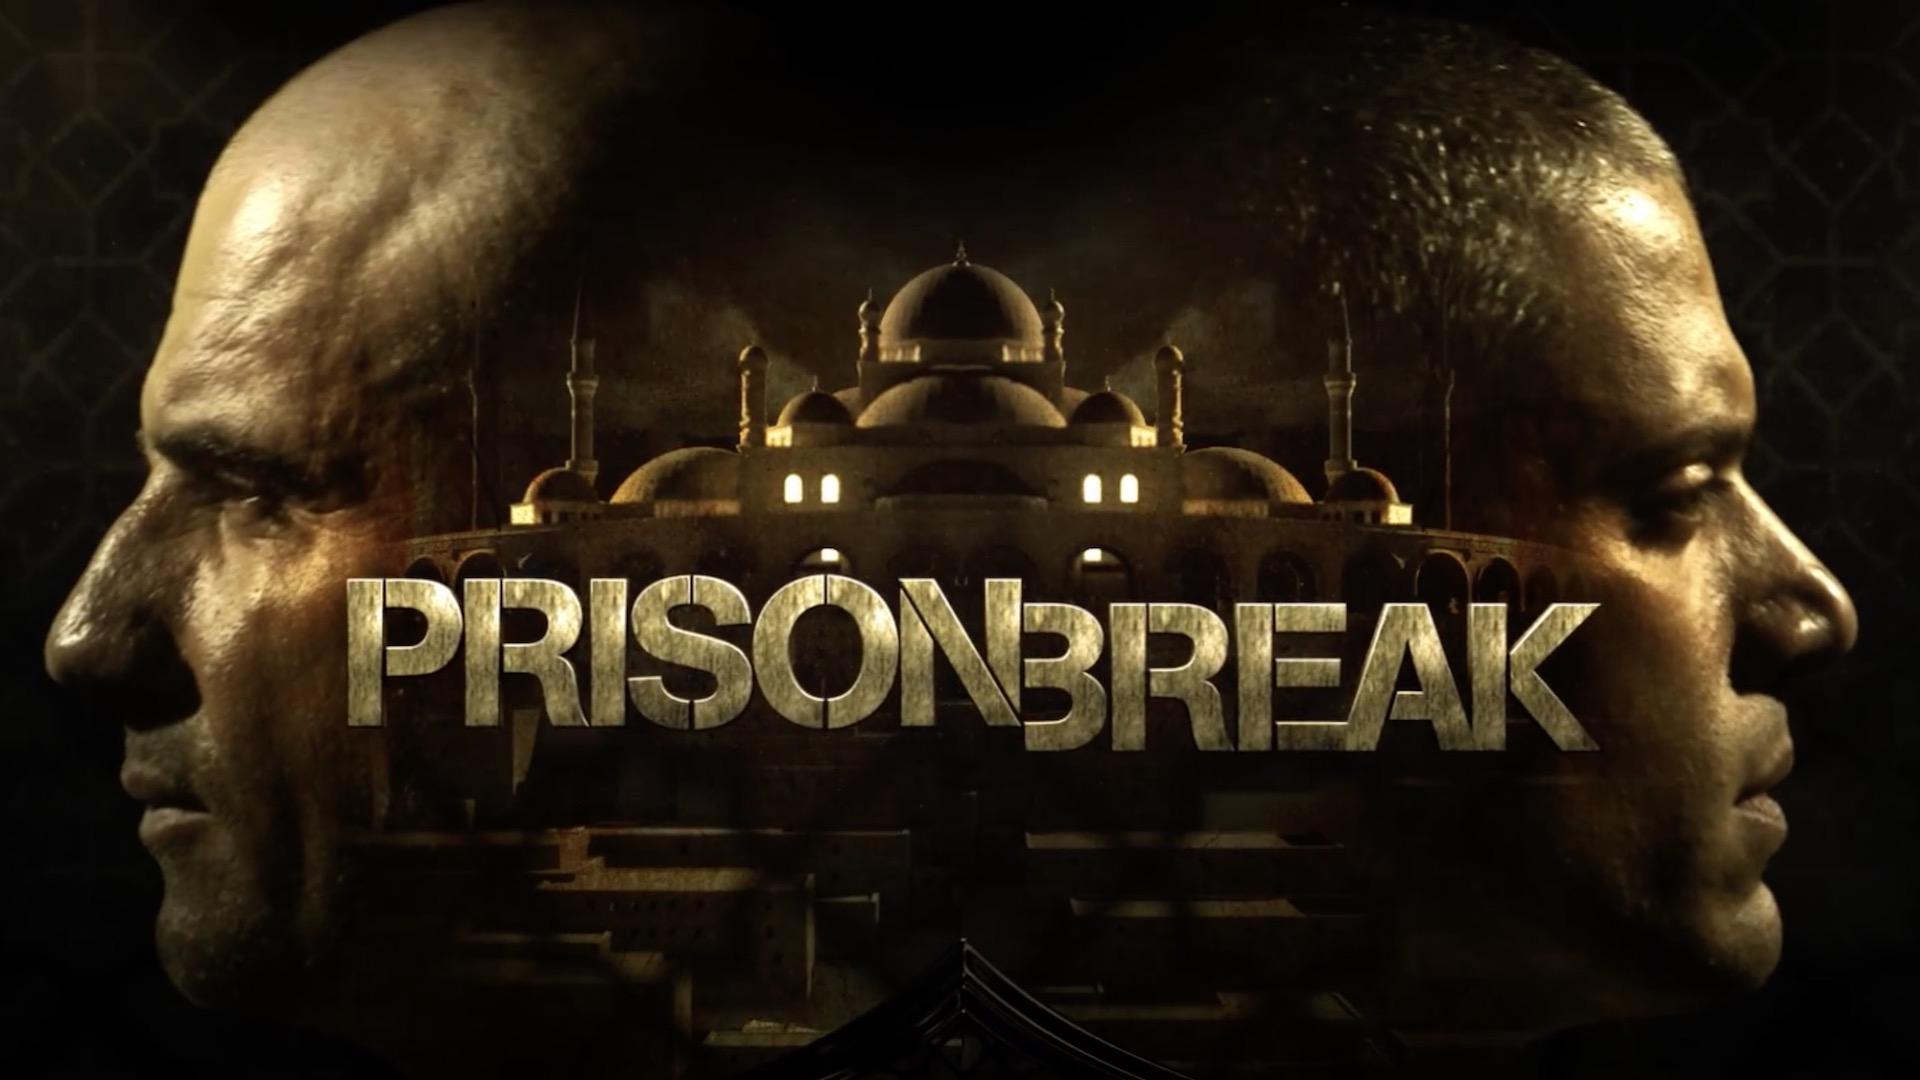 El nuevo trailer de la serie Prison Break Revival muestra porqué el personaje de Michael Scofield está vivo